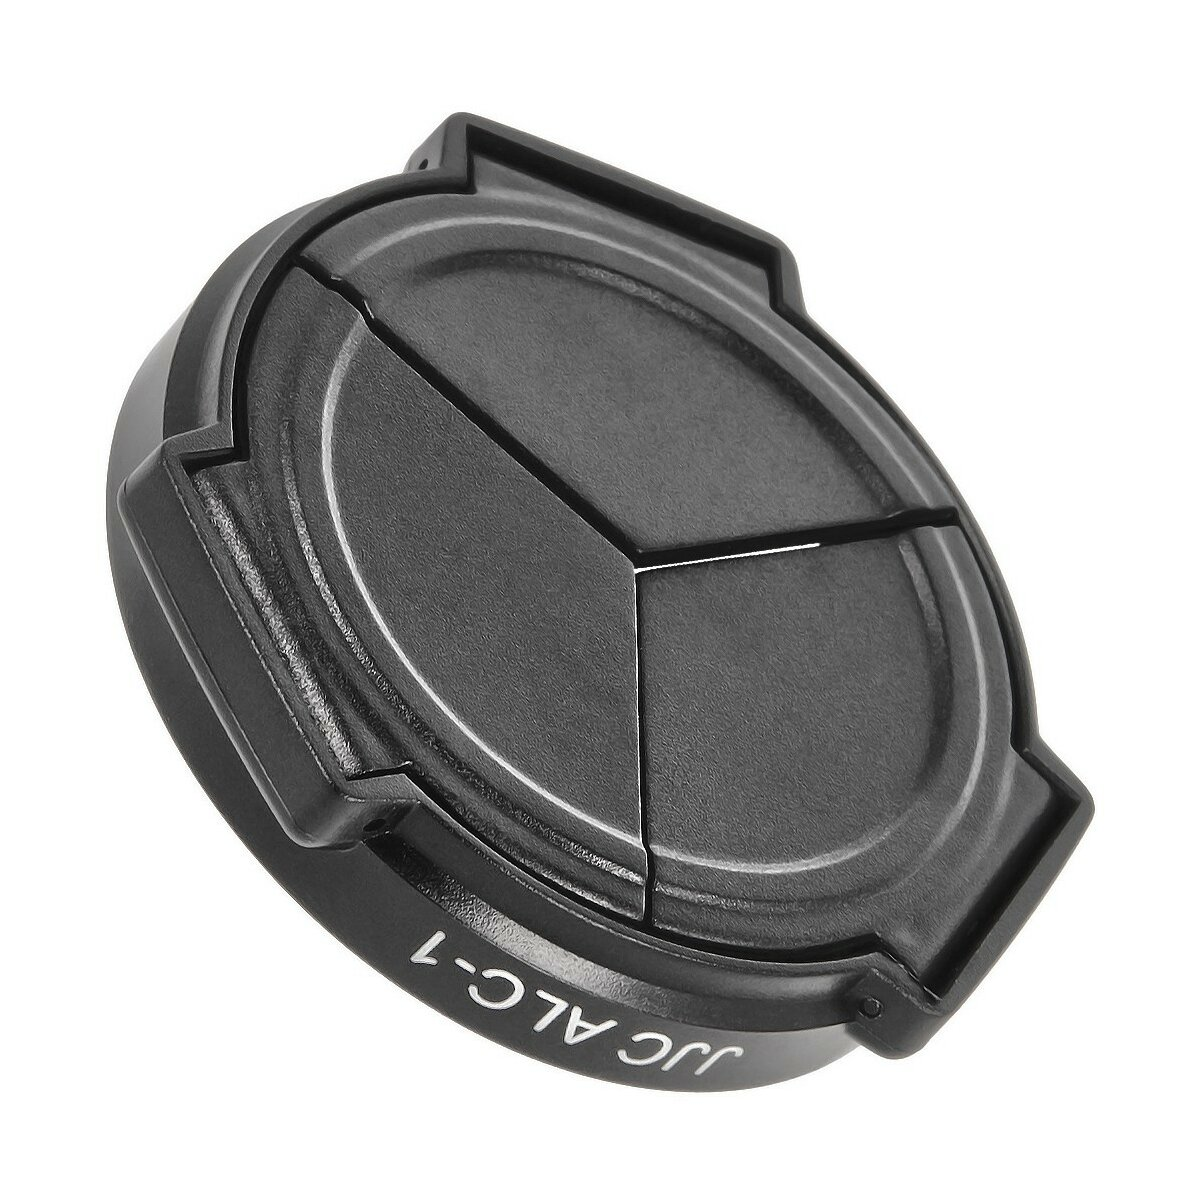 JJC Automatik Objektivdeckel, Frontdeckel fuer RICOH GX-200, GX-100 - ALC-1 schwarz